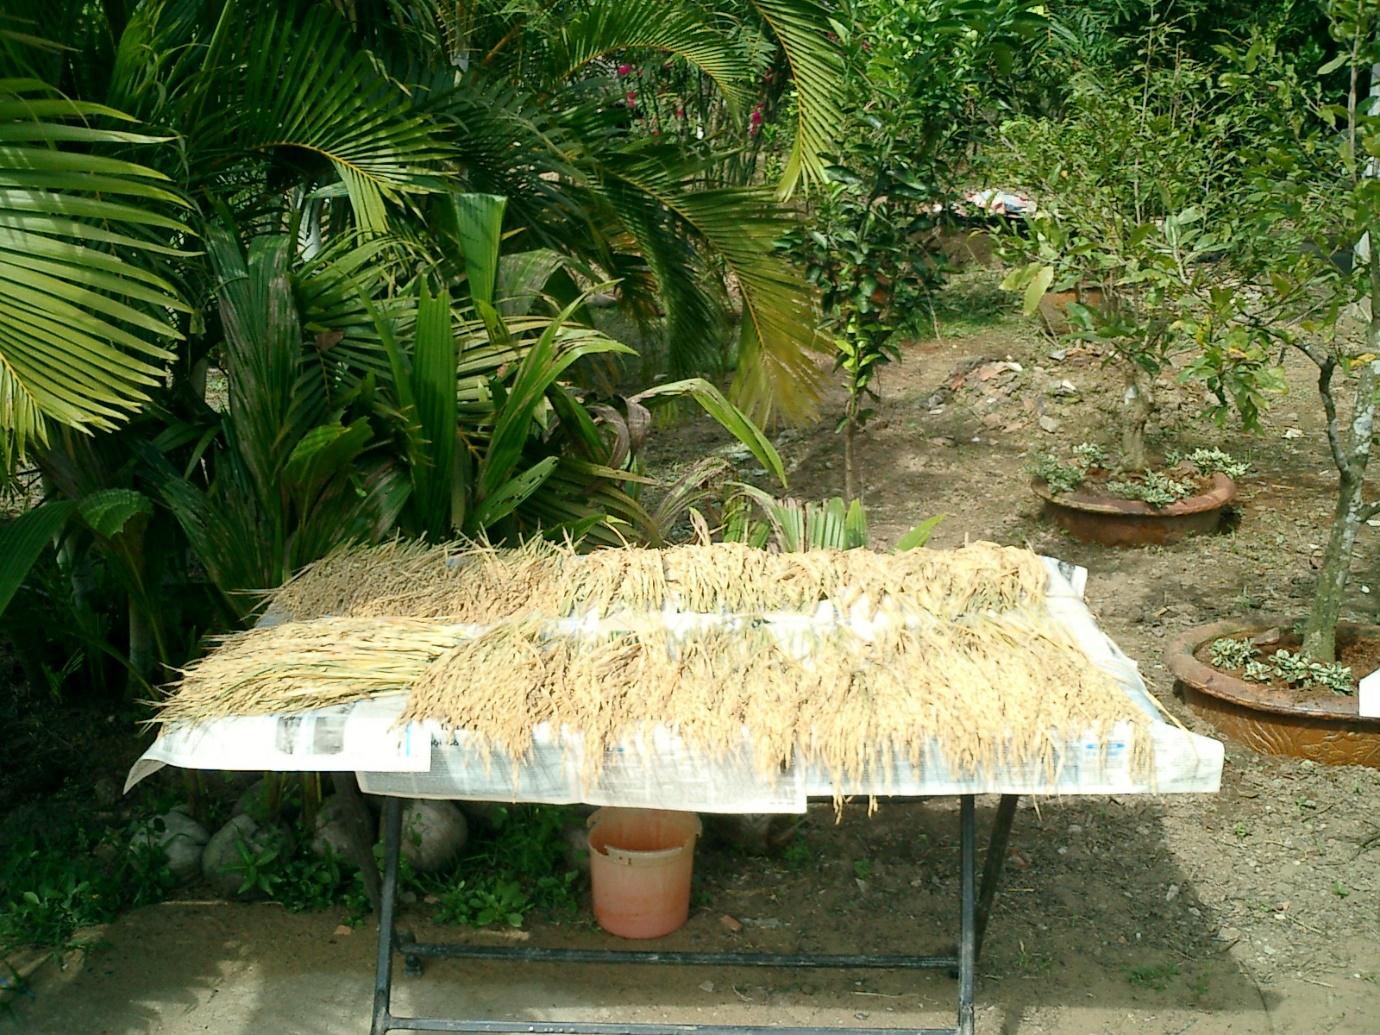 Những bông lúa được chọn từ các dòng đang phân ly, phơi trong vườn nhà Hồ Quang Cua. Ảnh: Võ Tòng Xuân.